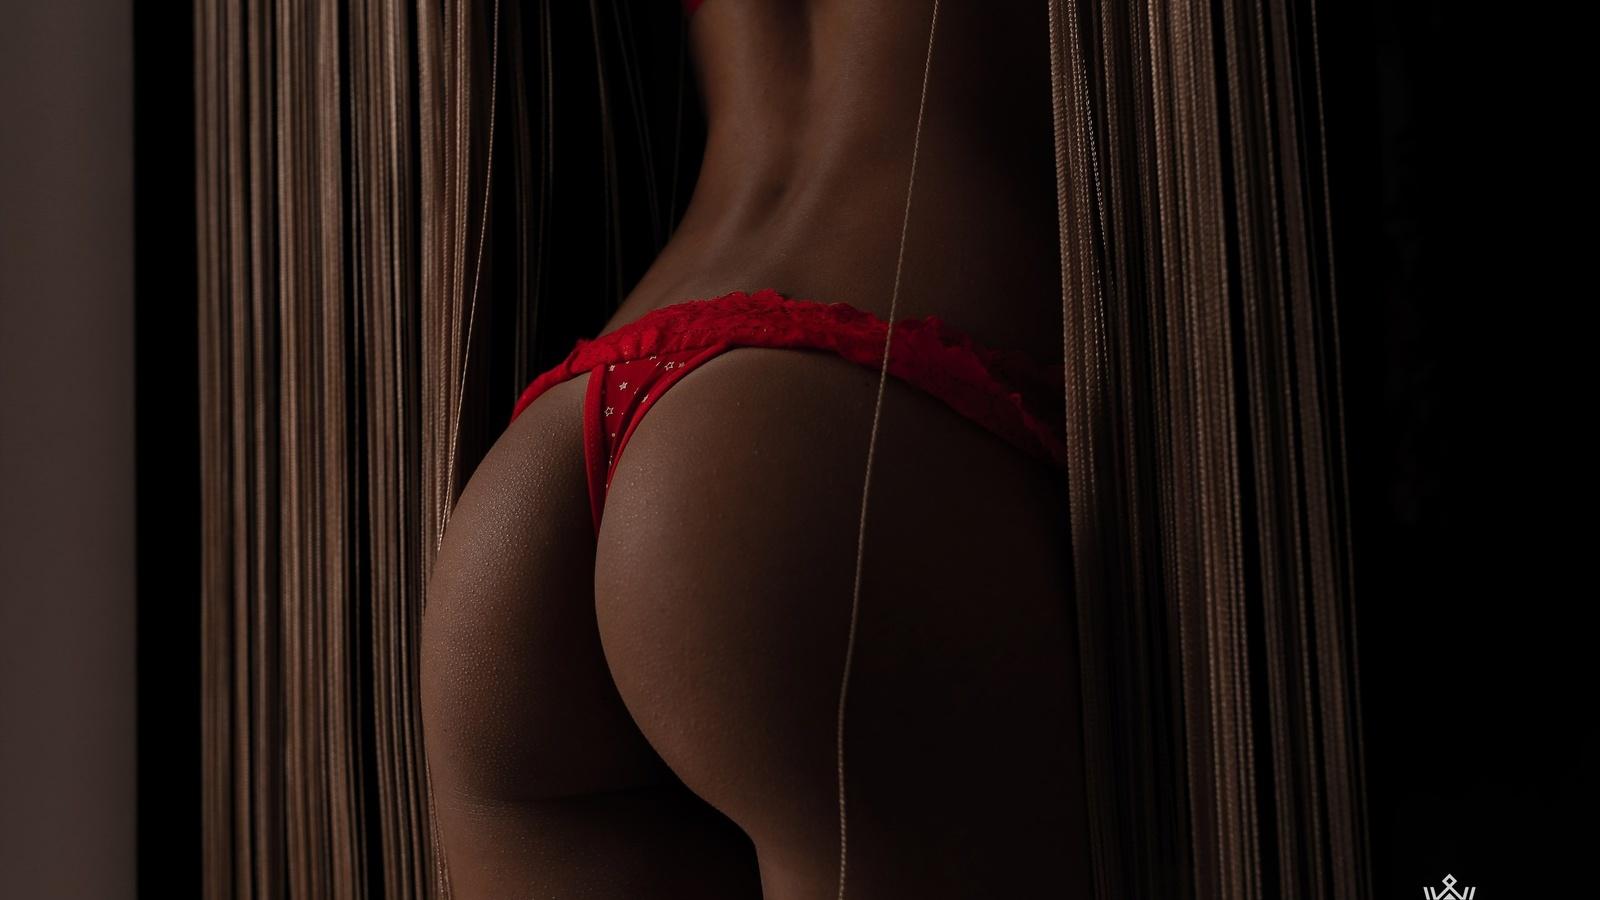 Красивые попки в красных стрингах, смотреть порно целует рот в сперме